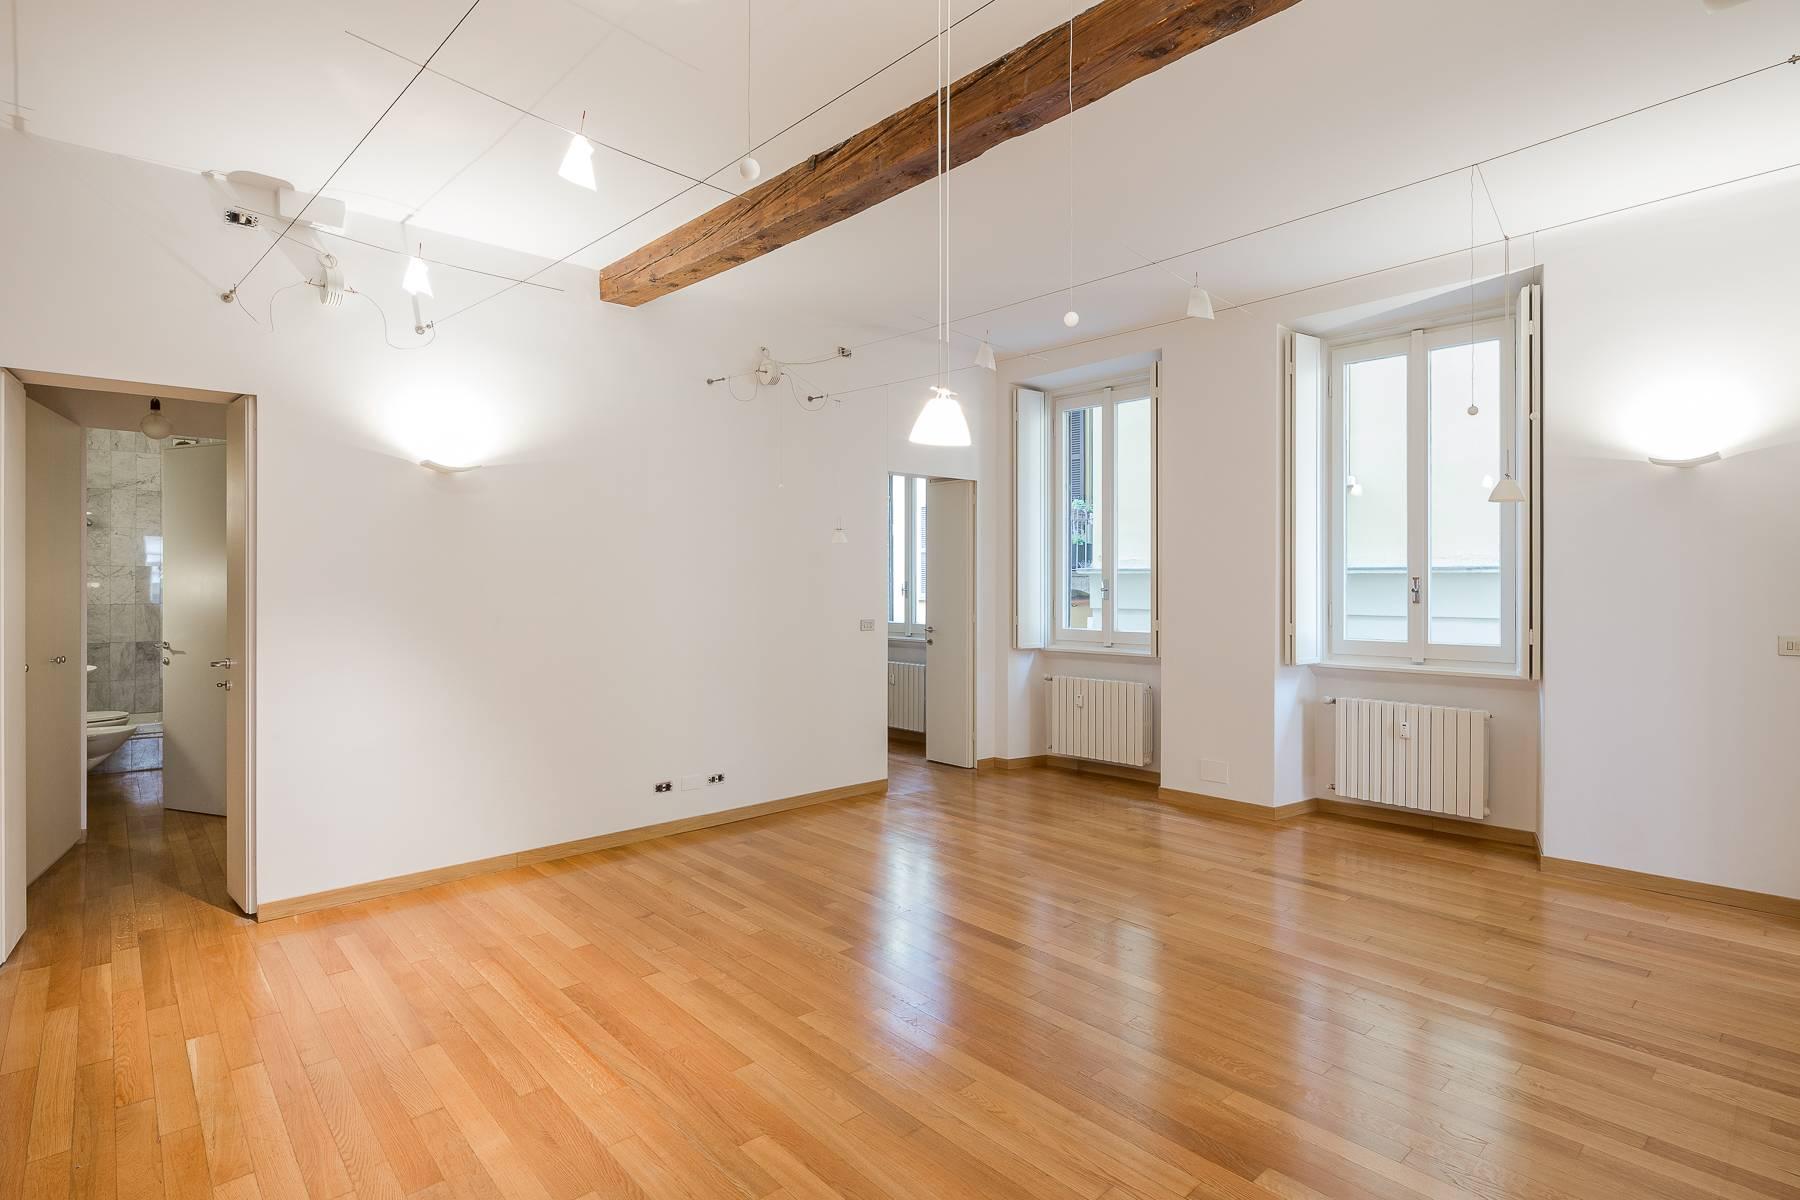 Appartamento in Vendita a Milano: 3 locali, 101 mq - Foto 28